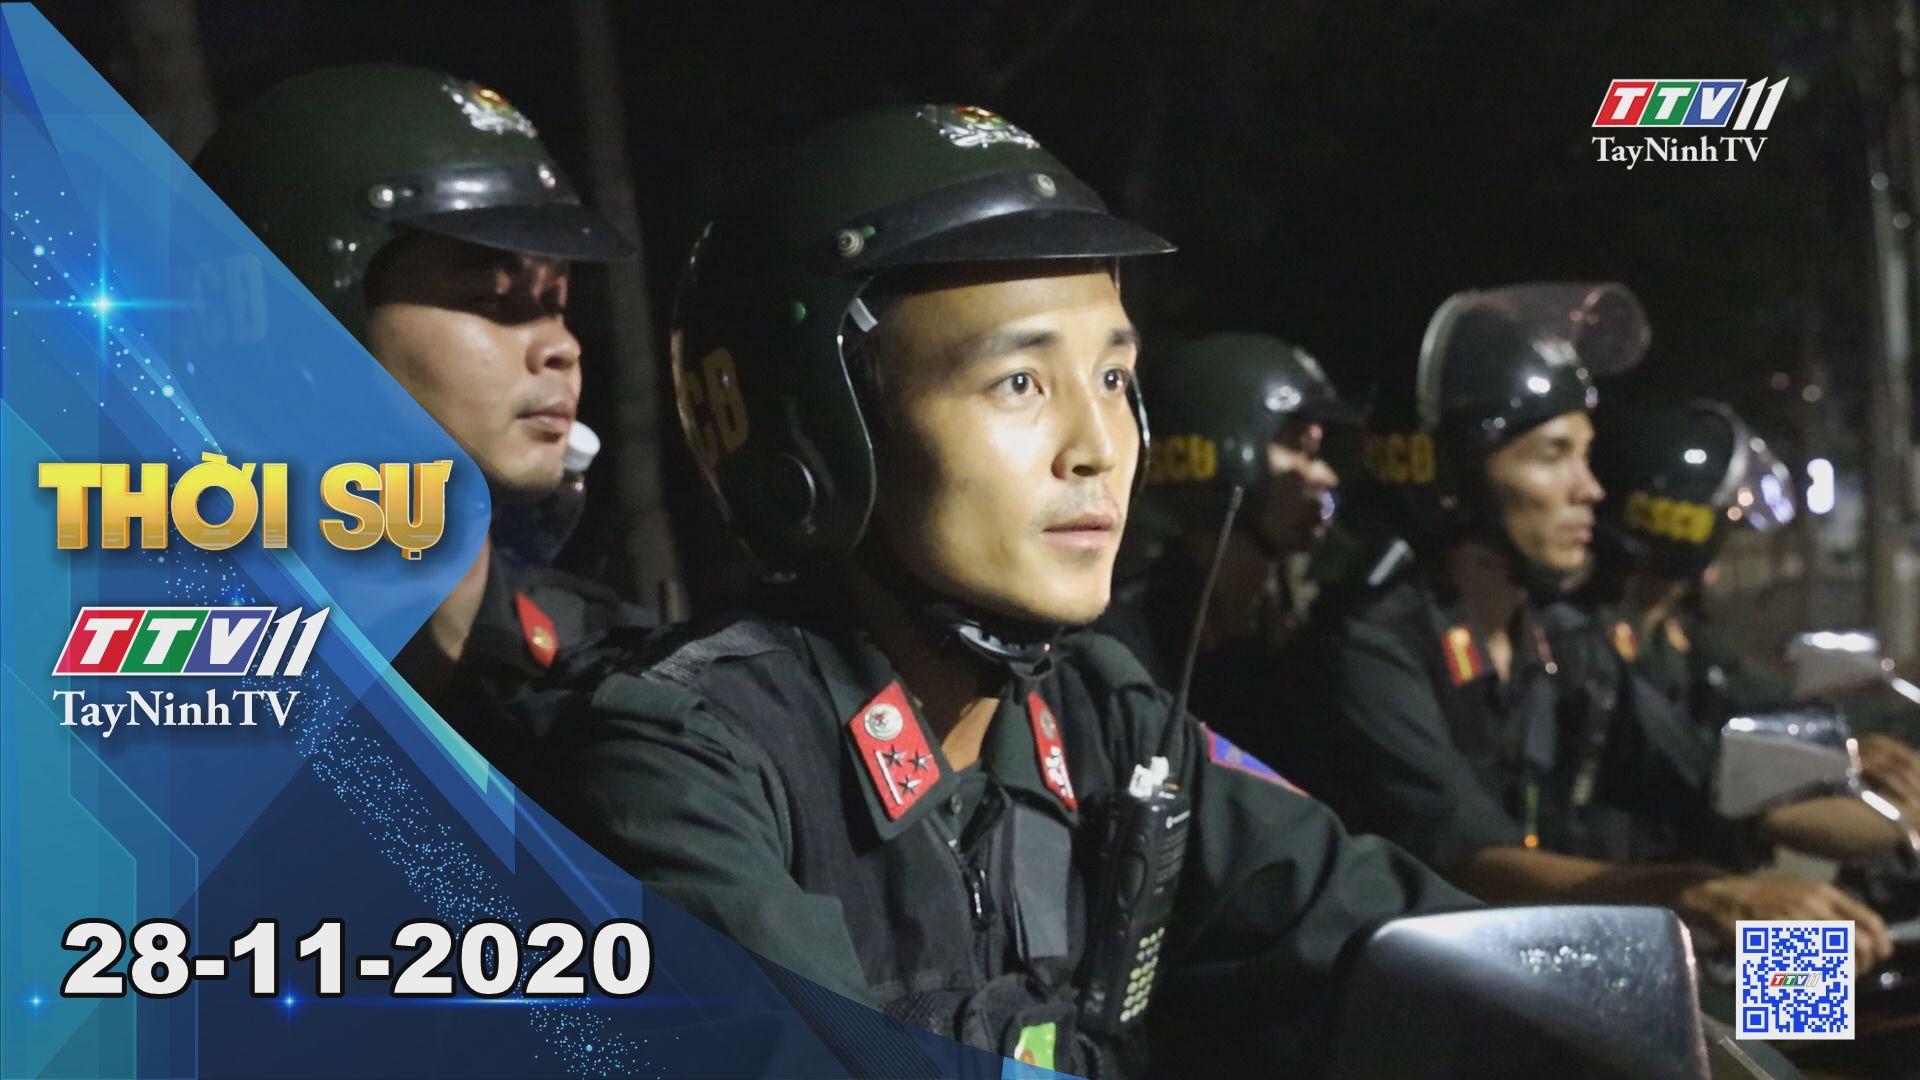 Thời sự Tây Ninh 28-11-2020 | Tin tức hôm nay | TayNinhTV